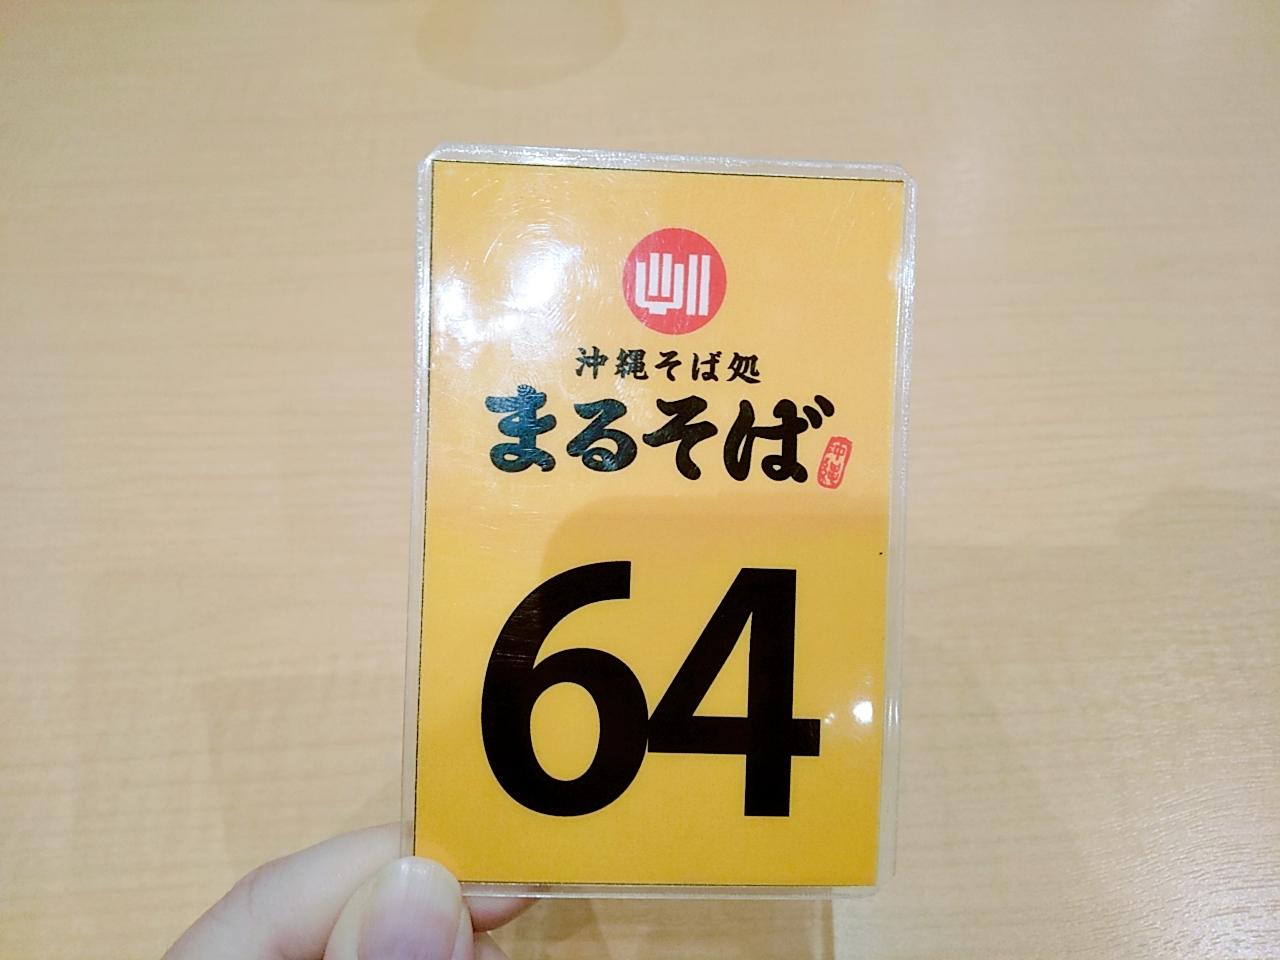 沖縄そば処まるそば 番号札